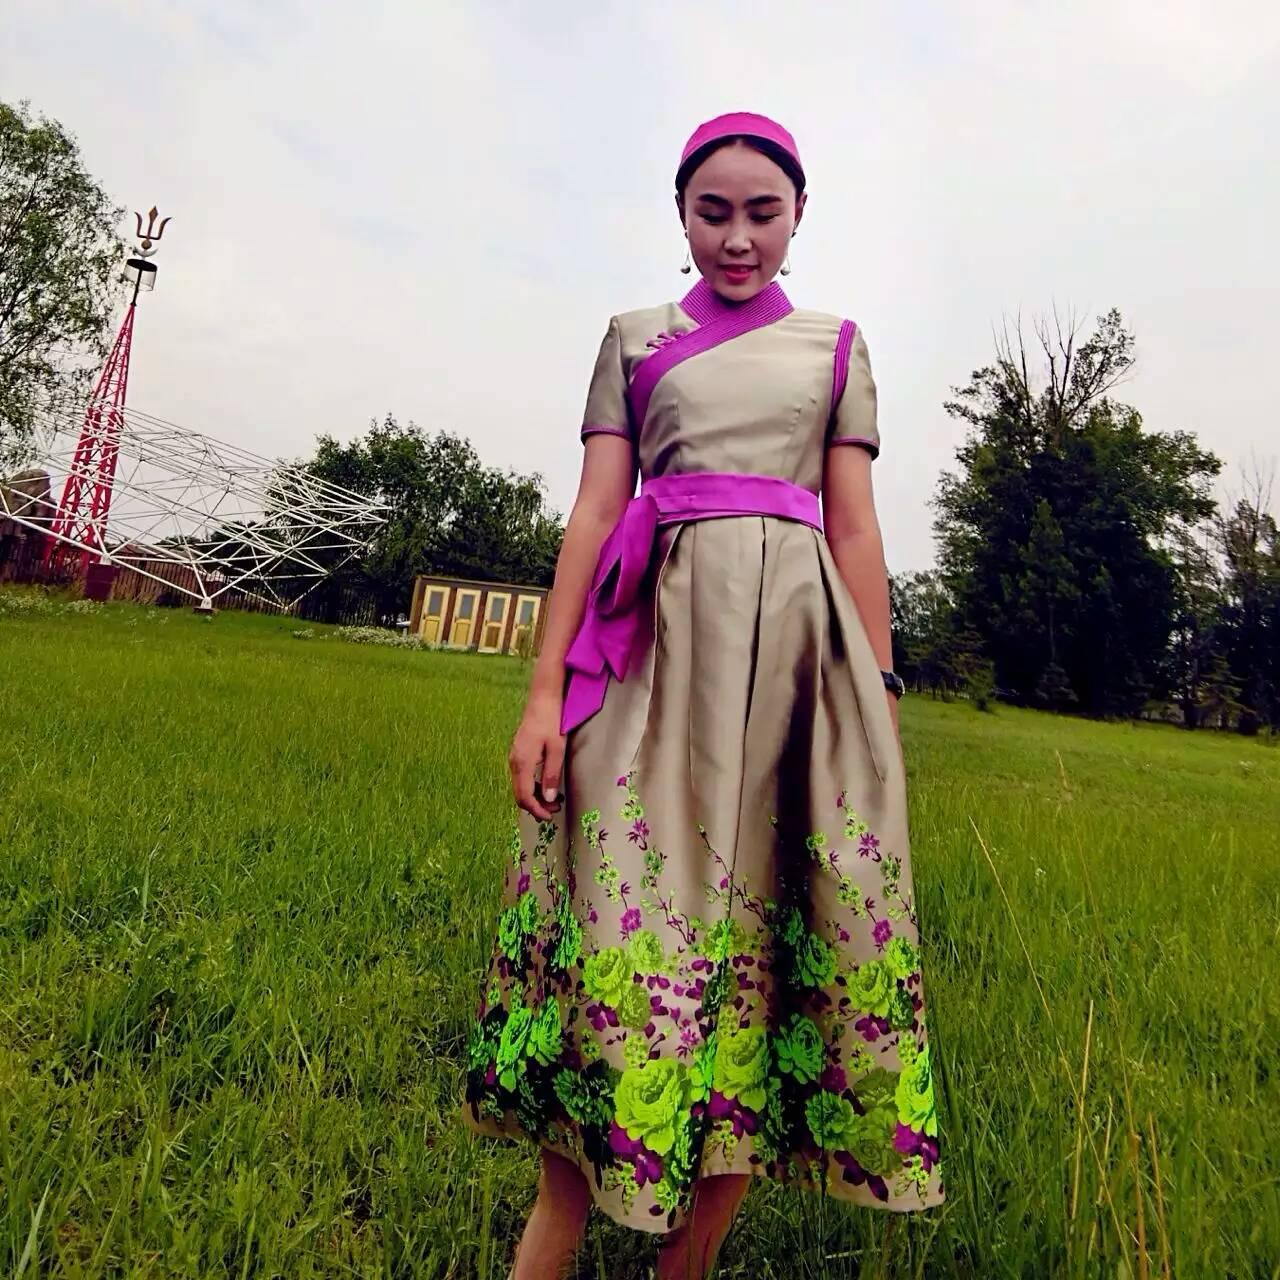 安静的小丸子蒙古丽人女装夏款连衣裙长裙蒙古袍民族元素